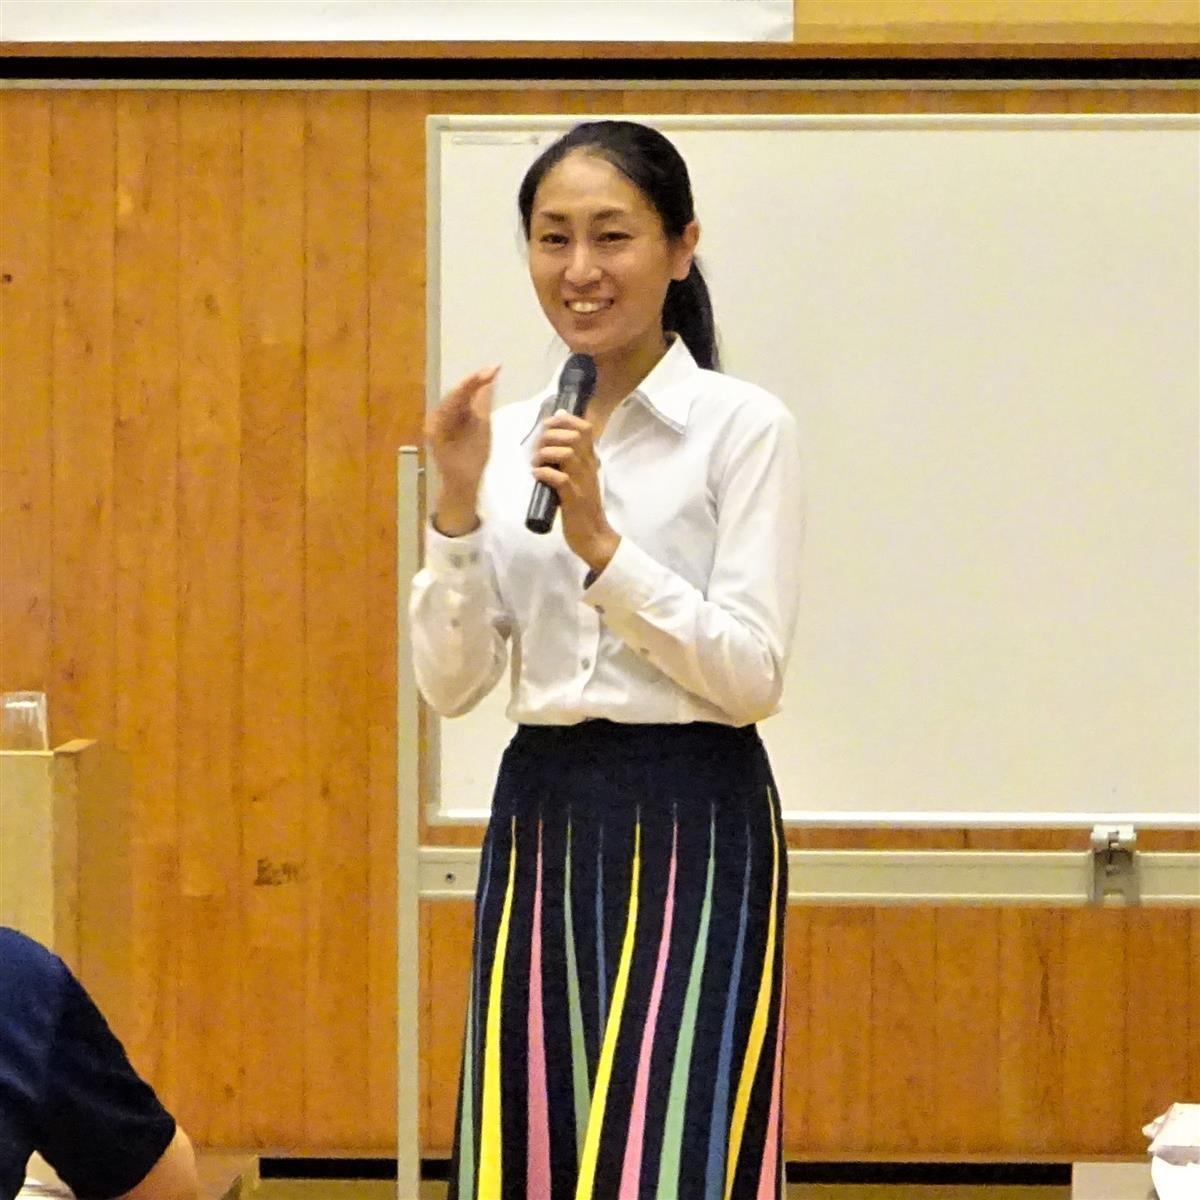 長洲町小学校英語教育スキルアップ研修会